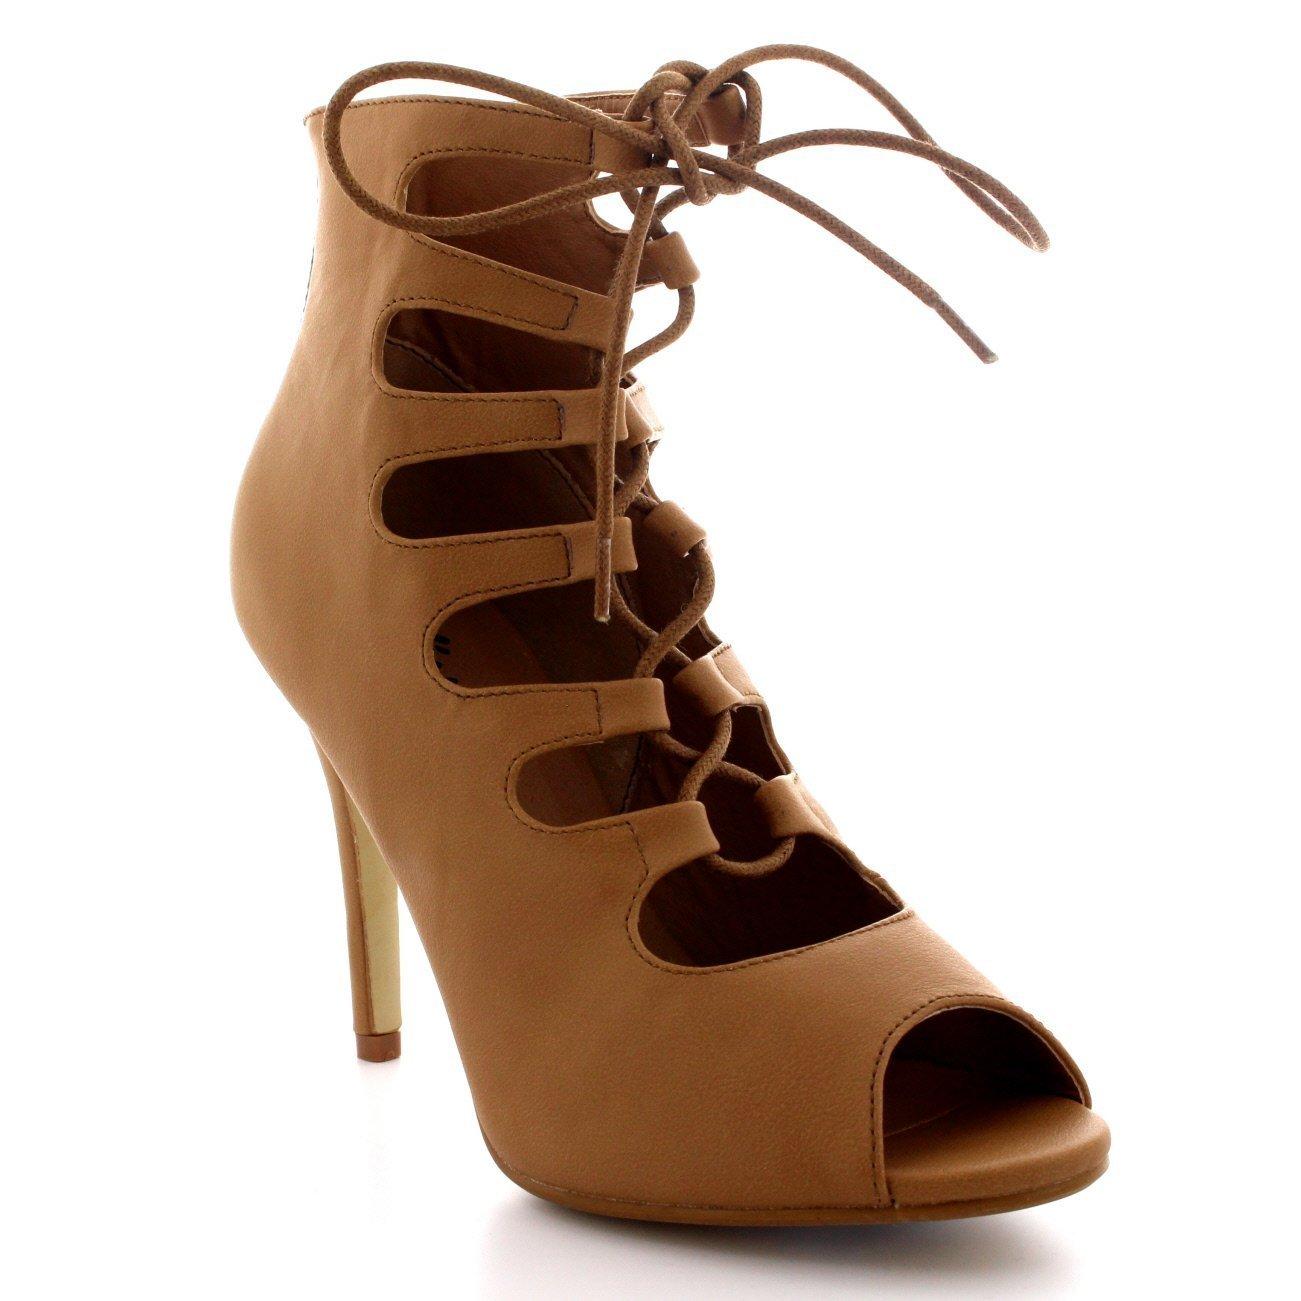 Viva Mujer Pumps Cordones Zapatos Peep Toe Fiesta Estiletes Gladiador Tacones Altos: Amazon.es: Zapatos y complementos